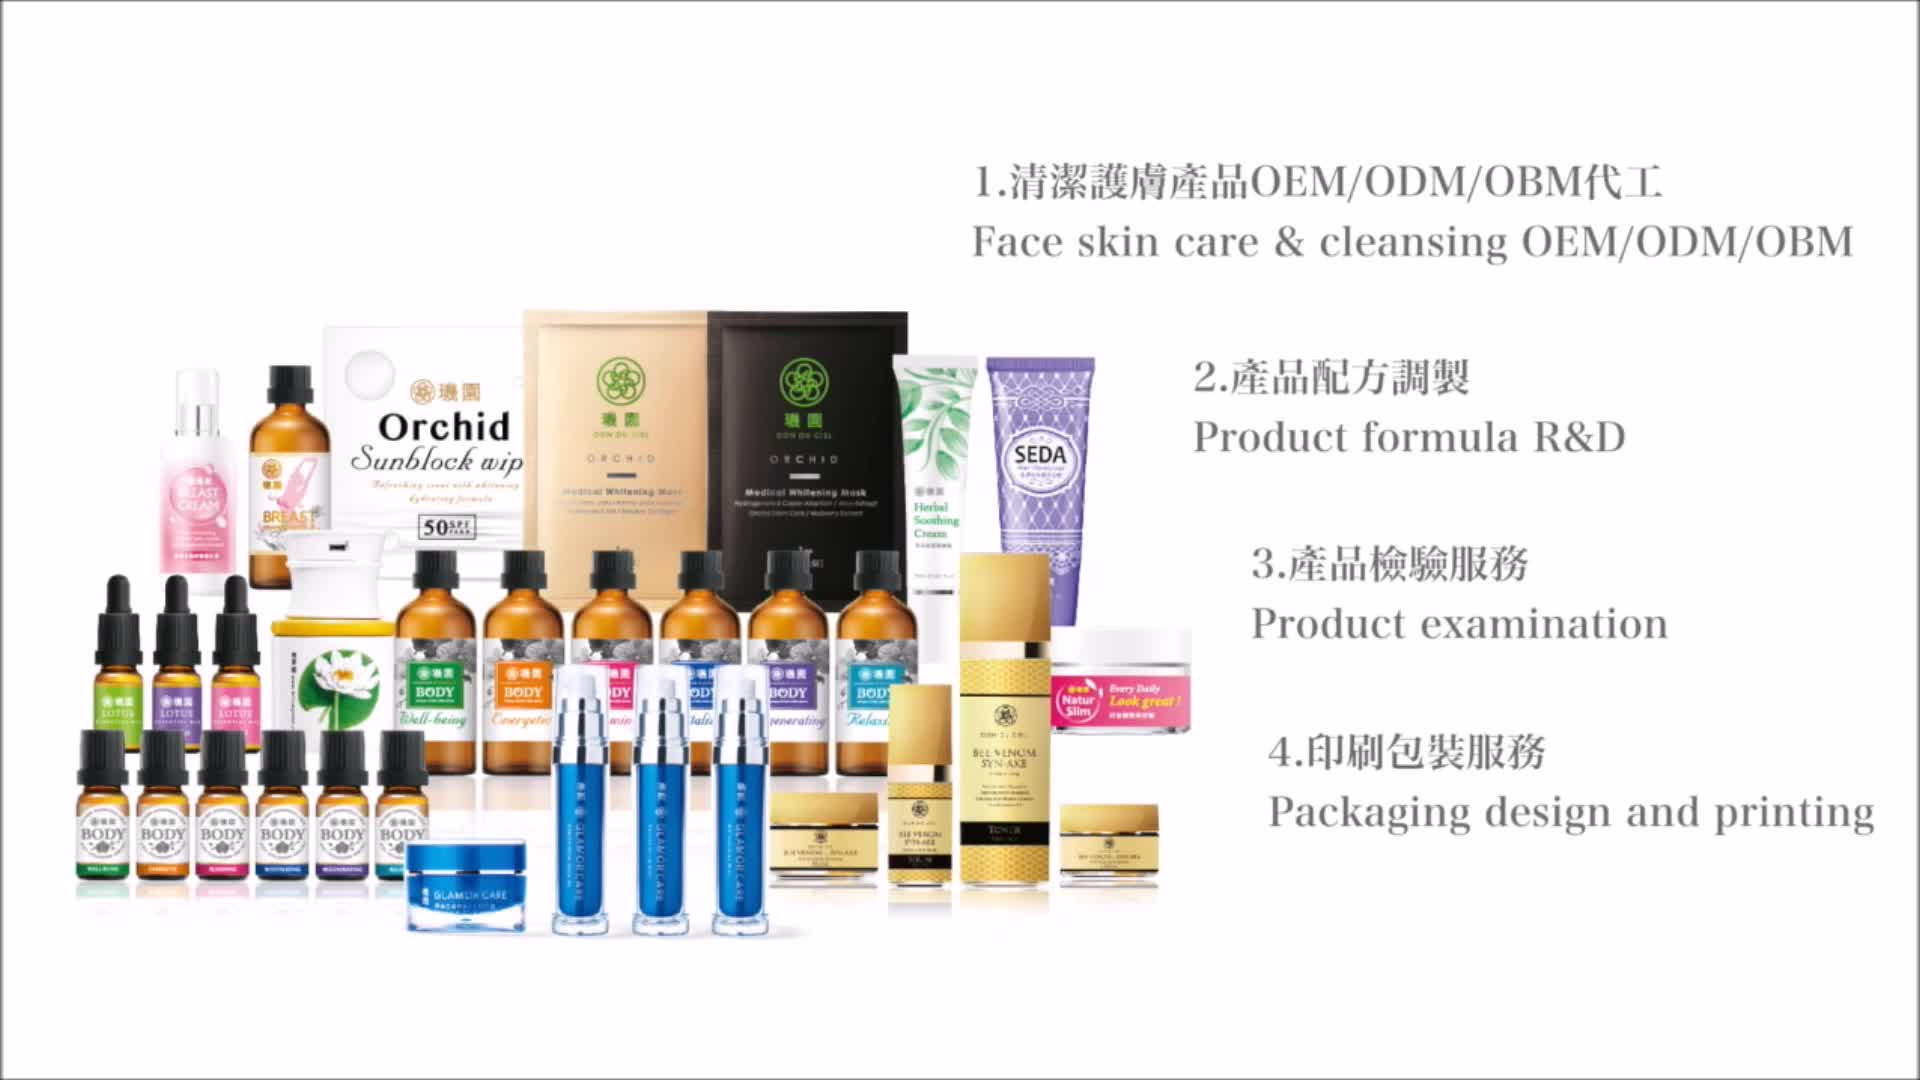 Ensemble de soins de la peau cosmétiques de marque privée pour la peau sombre et naturel à base de plantes bio visage kit de blanchiment de la peau oem odm